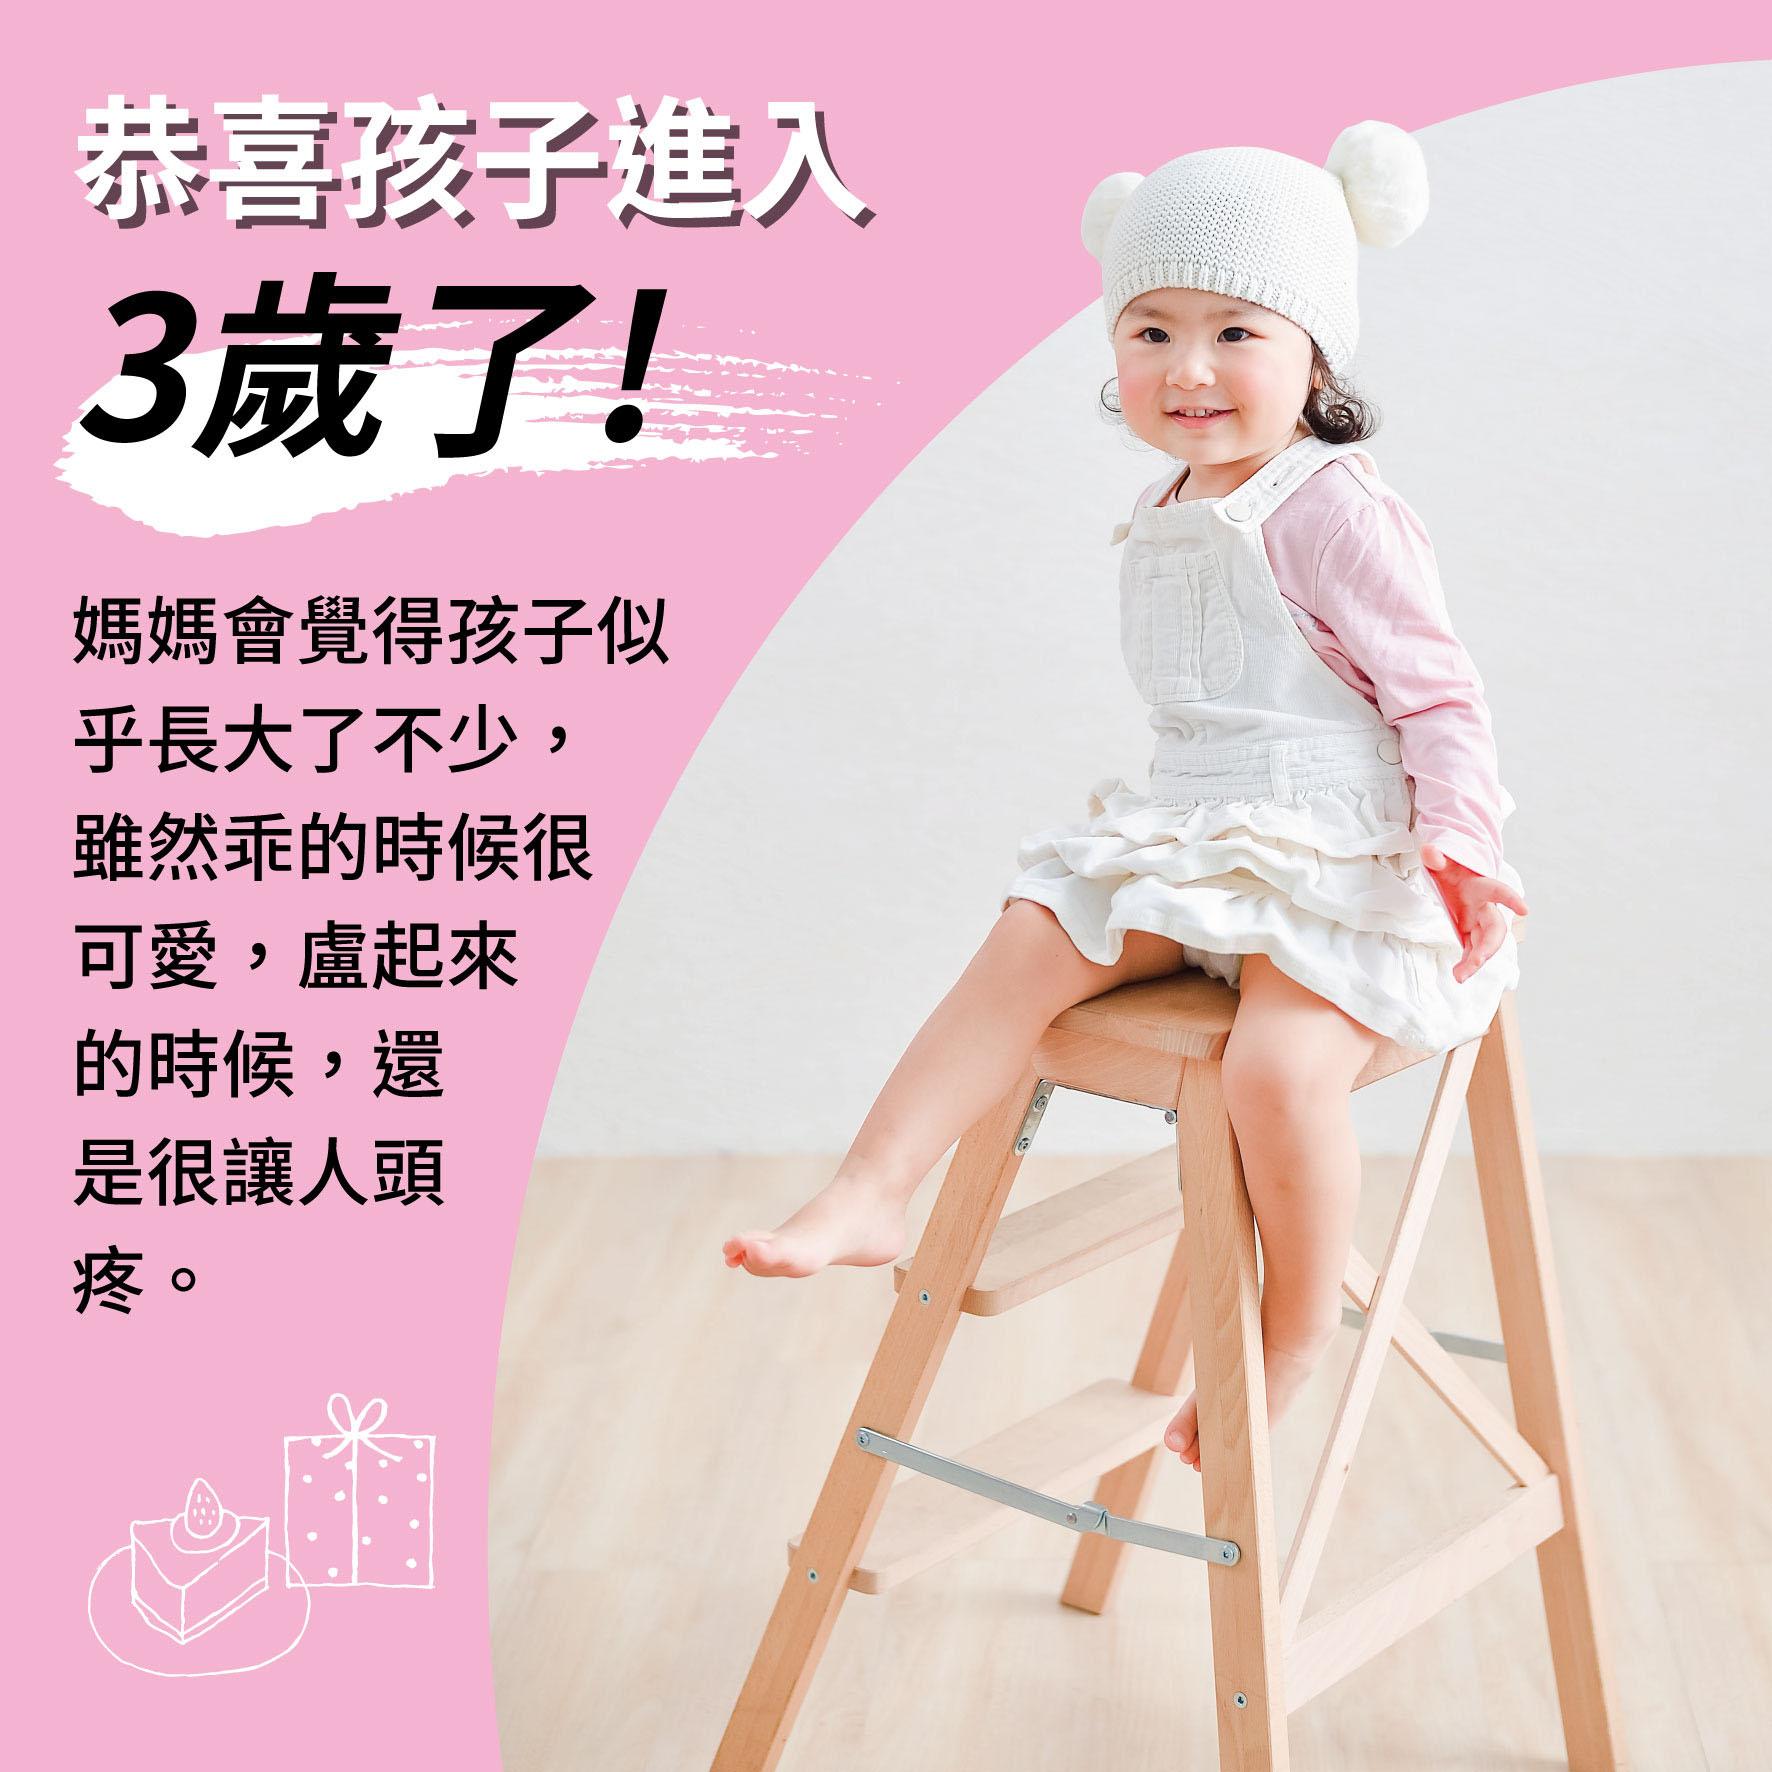 幼兒2歲(第48週)媽媽會覺得孩子進入3歲了!